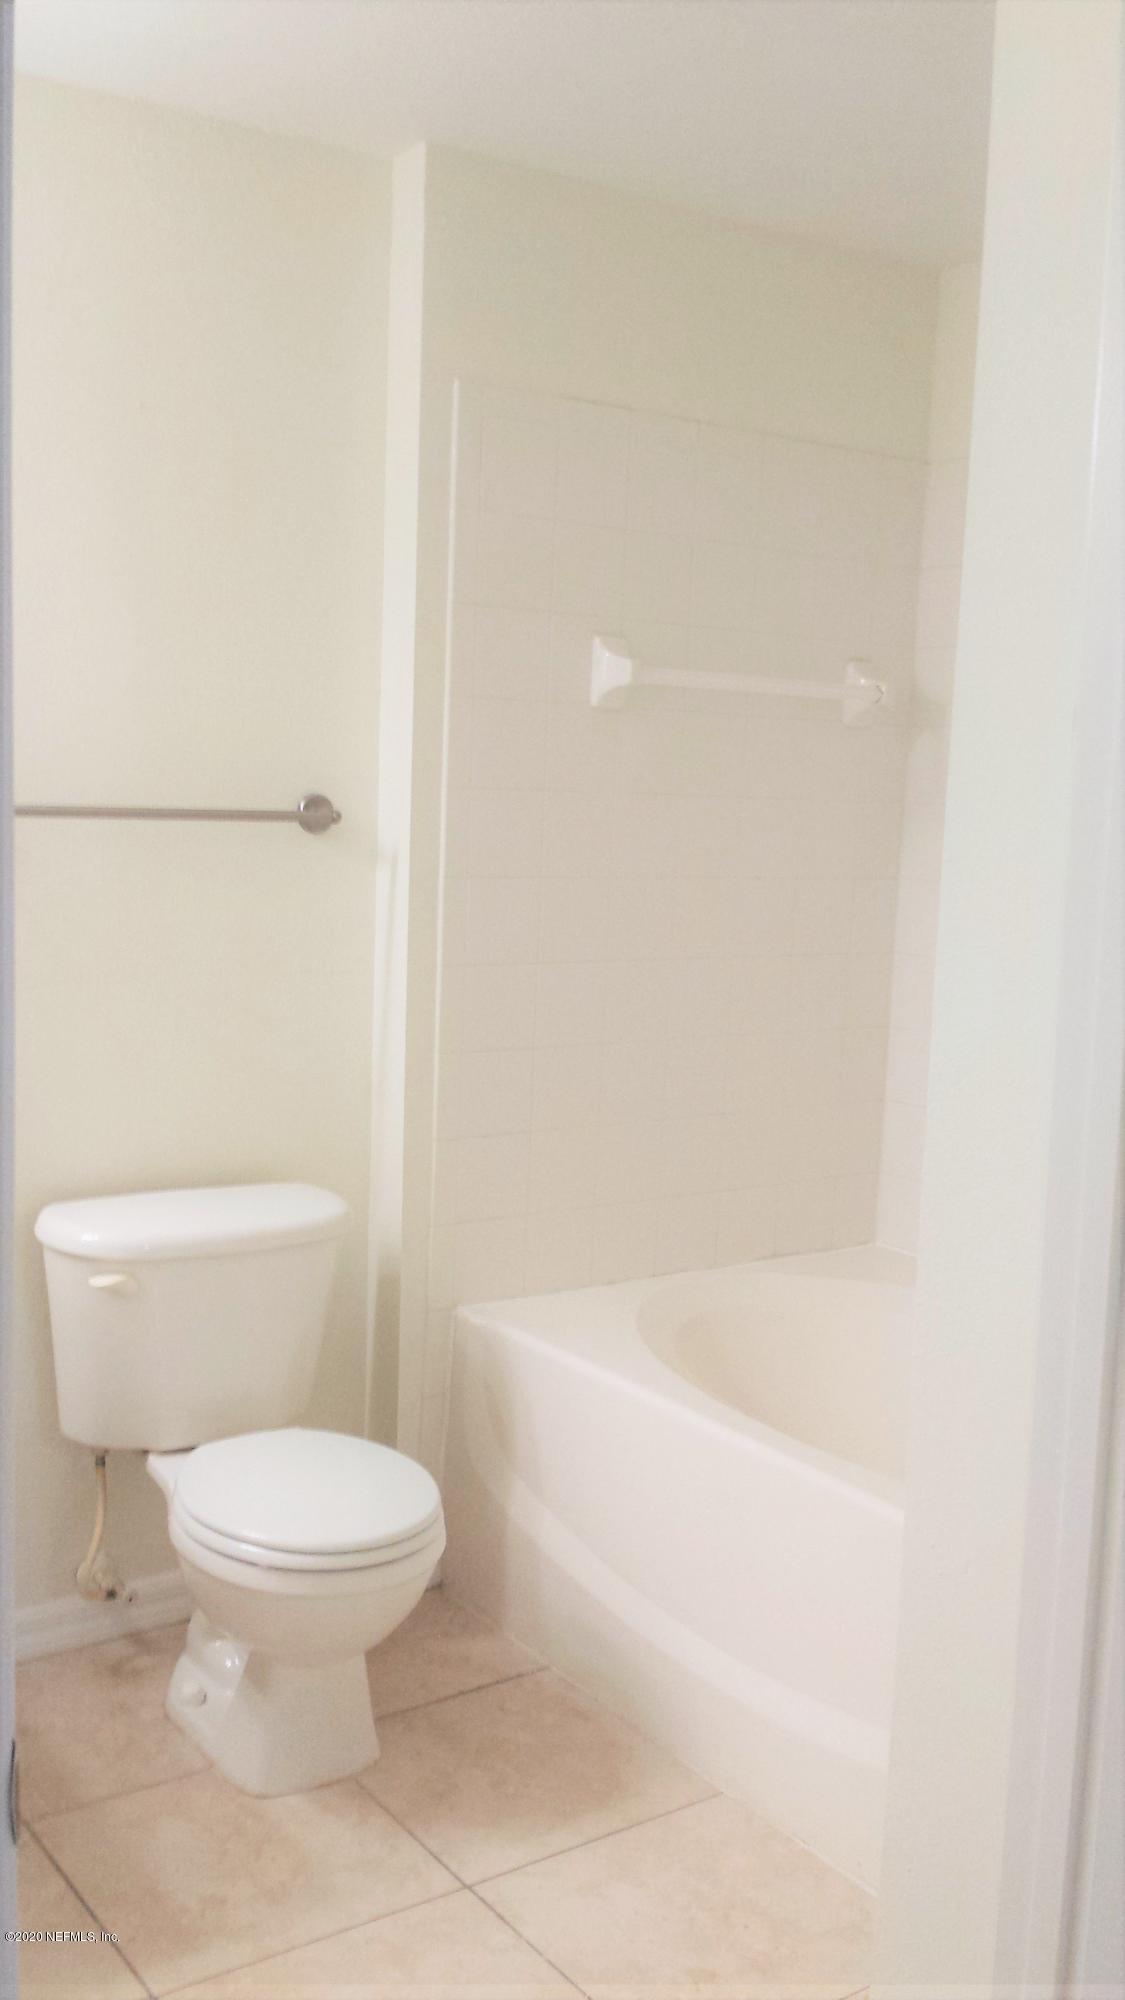 3591 KERNAN, JACKSONVILLE, FLORIDA 32224, 2 Bedrooms Bedrooms, ,2 BathroomsBathrooms,Rental,For Rent,KERNAN,1081514